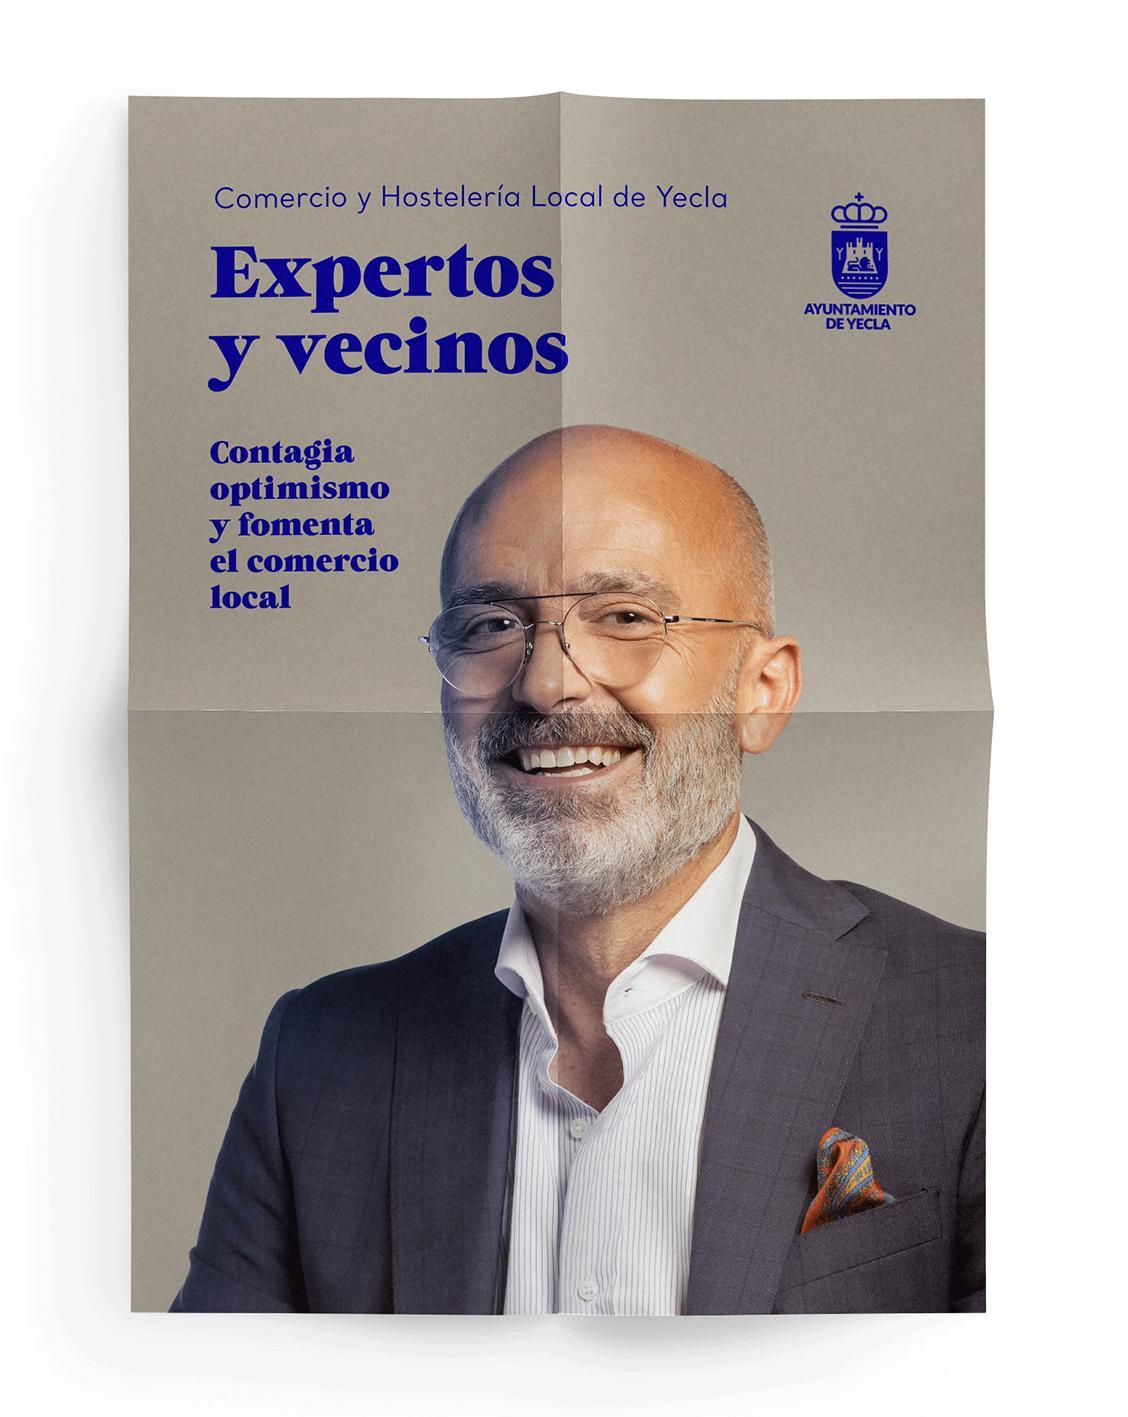 EXPERTOS Y VECINOS